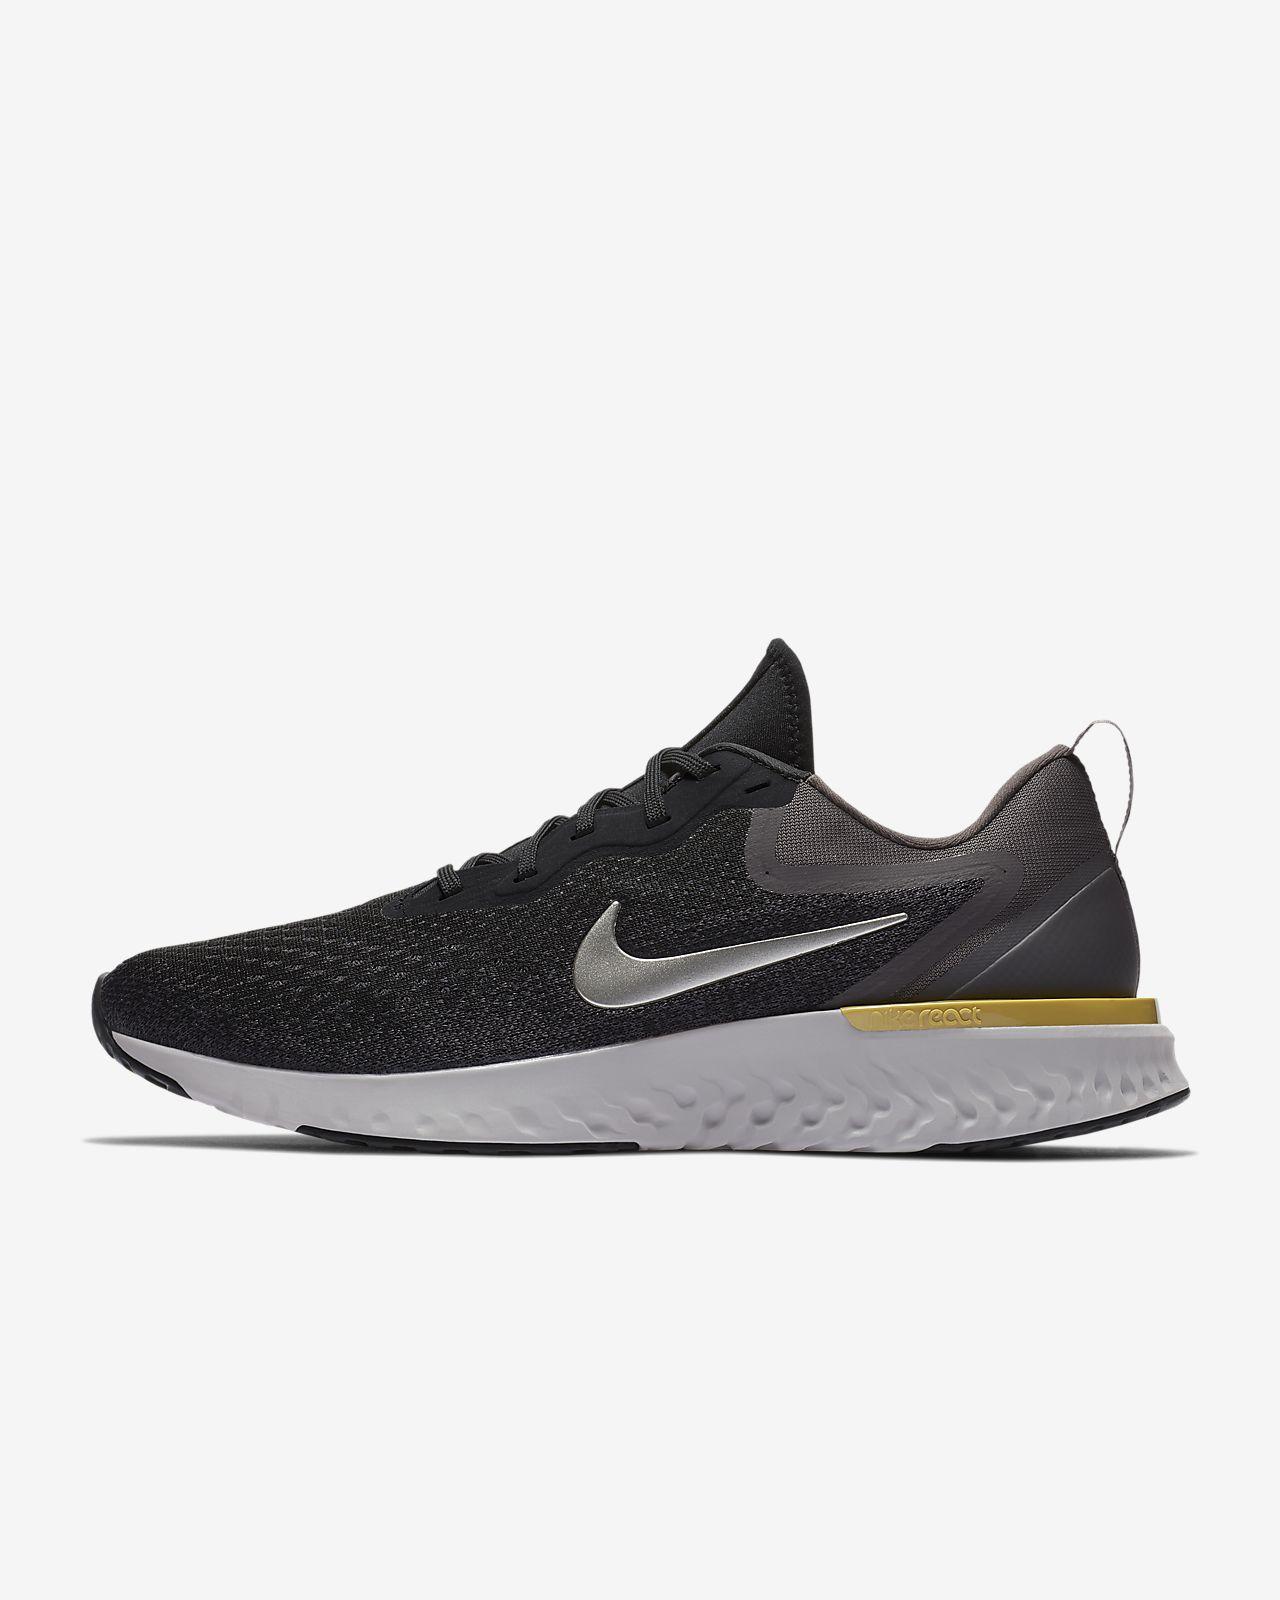 Ανδρικό παπούτσι για τρέξιμο Nike Odyssey React